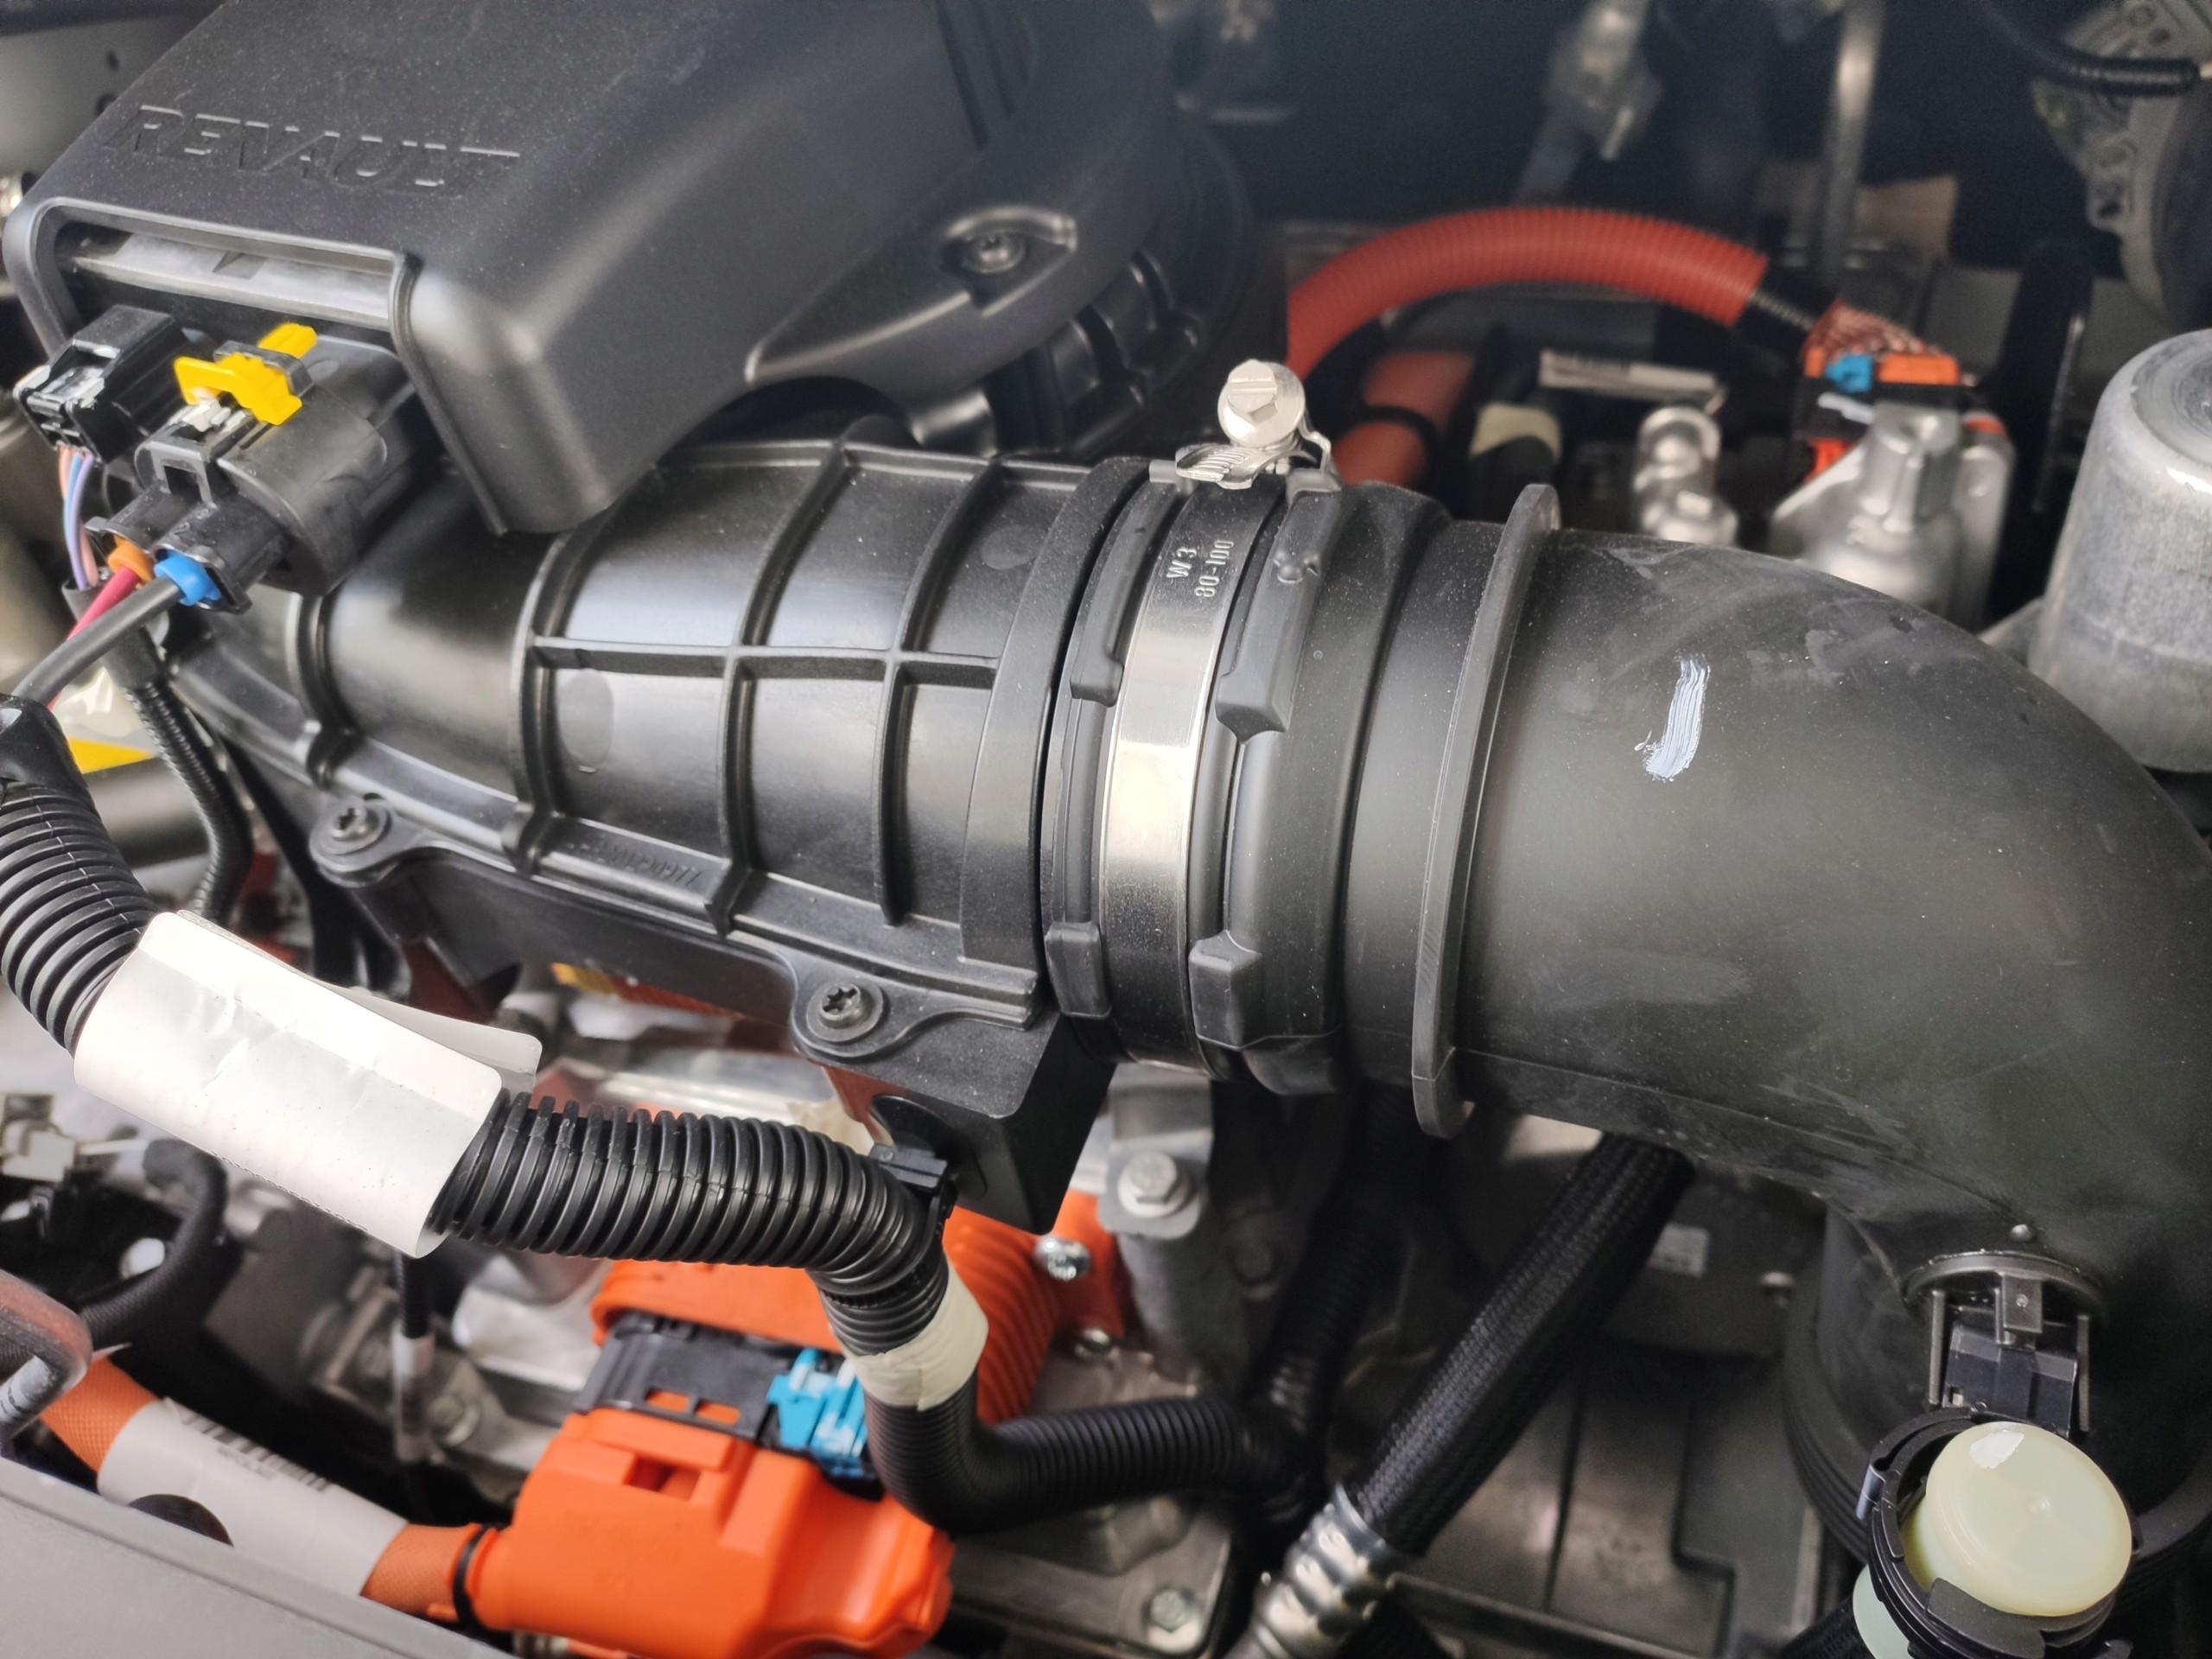 ZOE ZE50 commandée avec option charge rapide CCS ou pas ? - Page 2 Img_2012